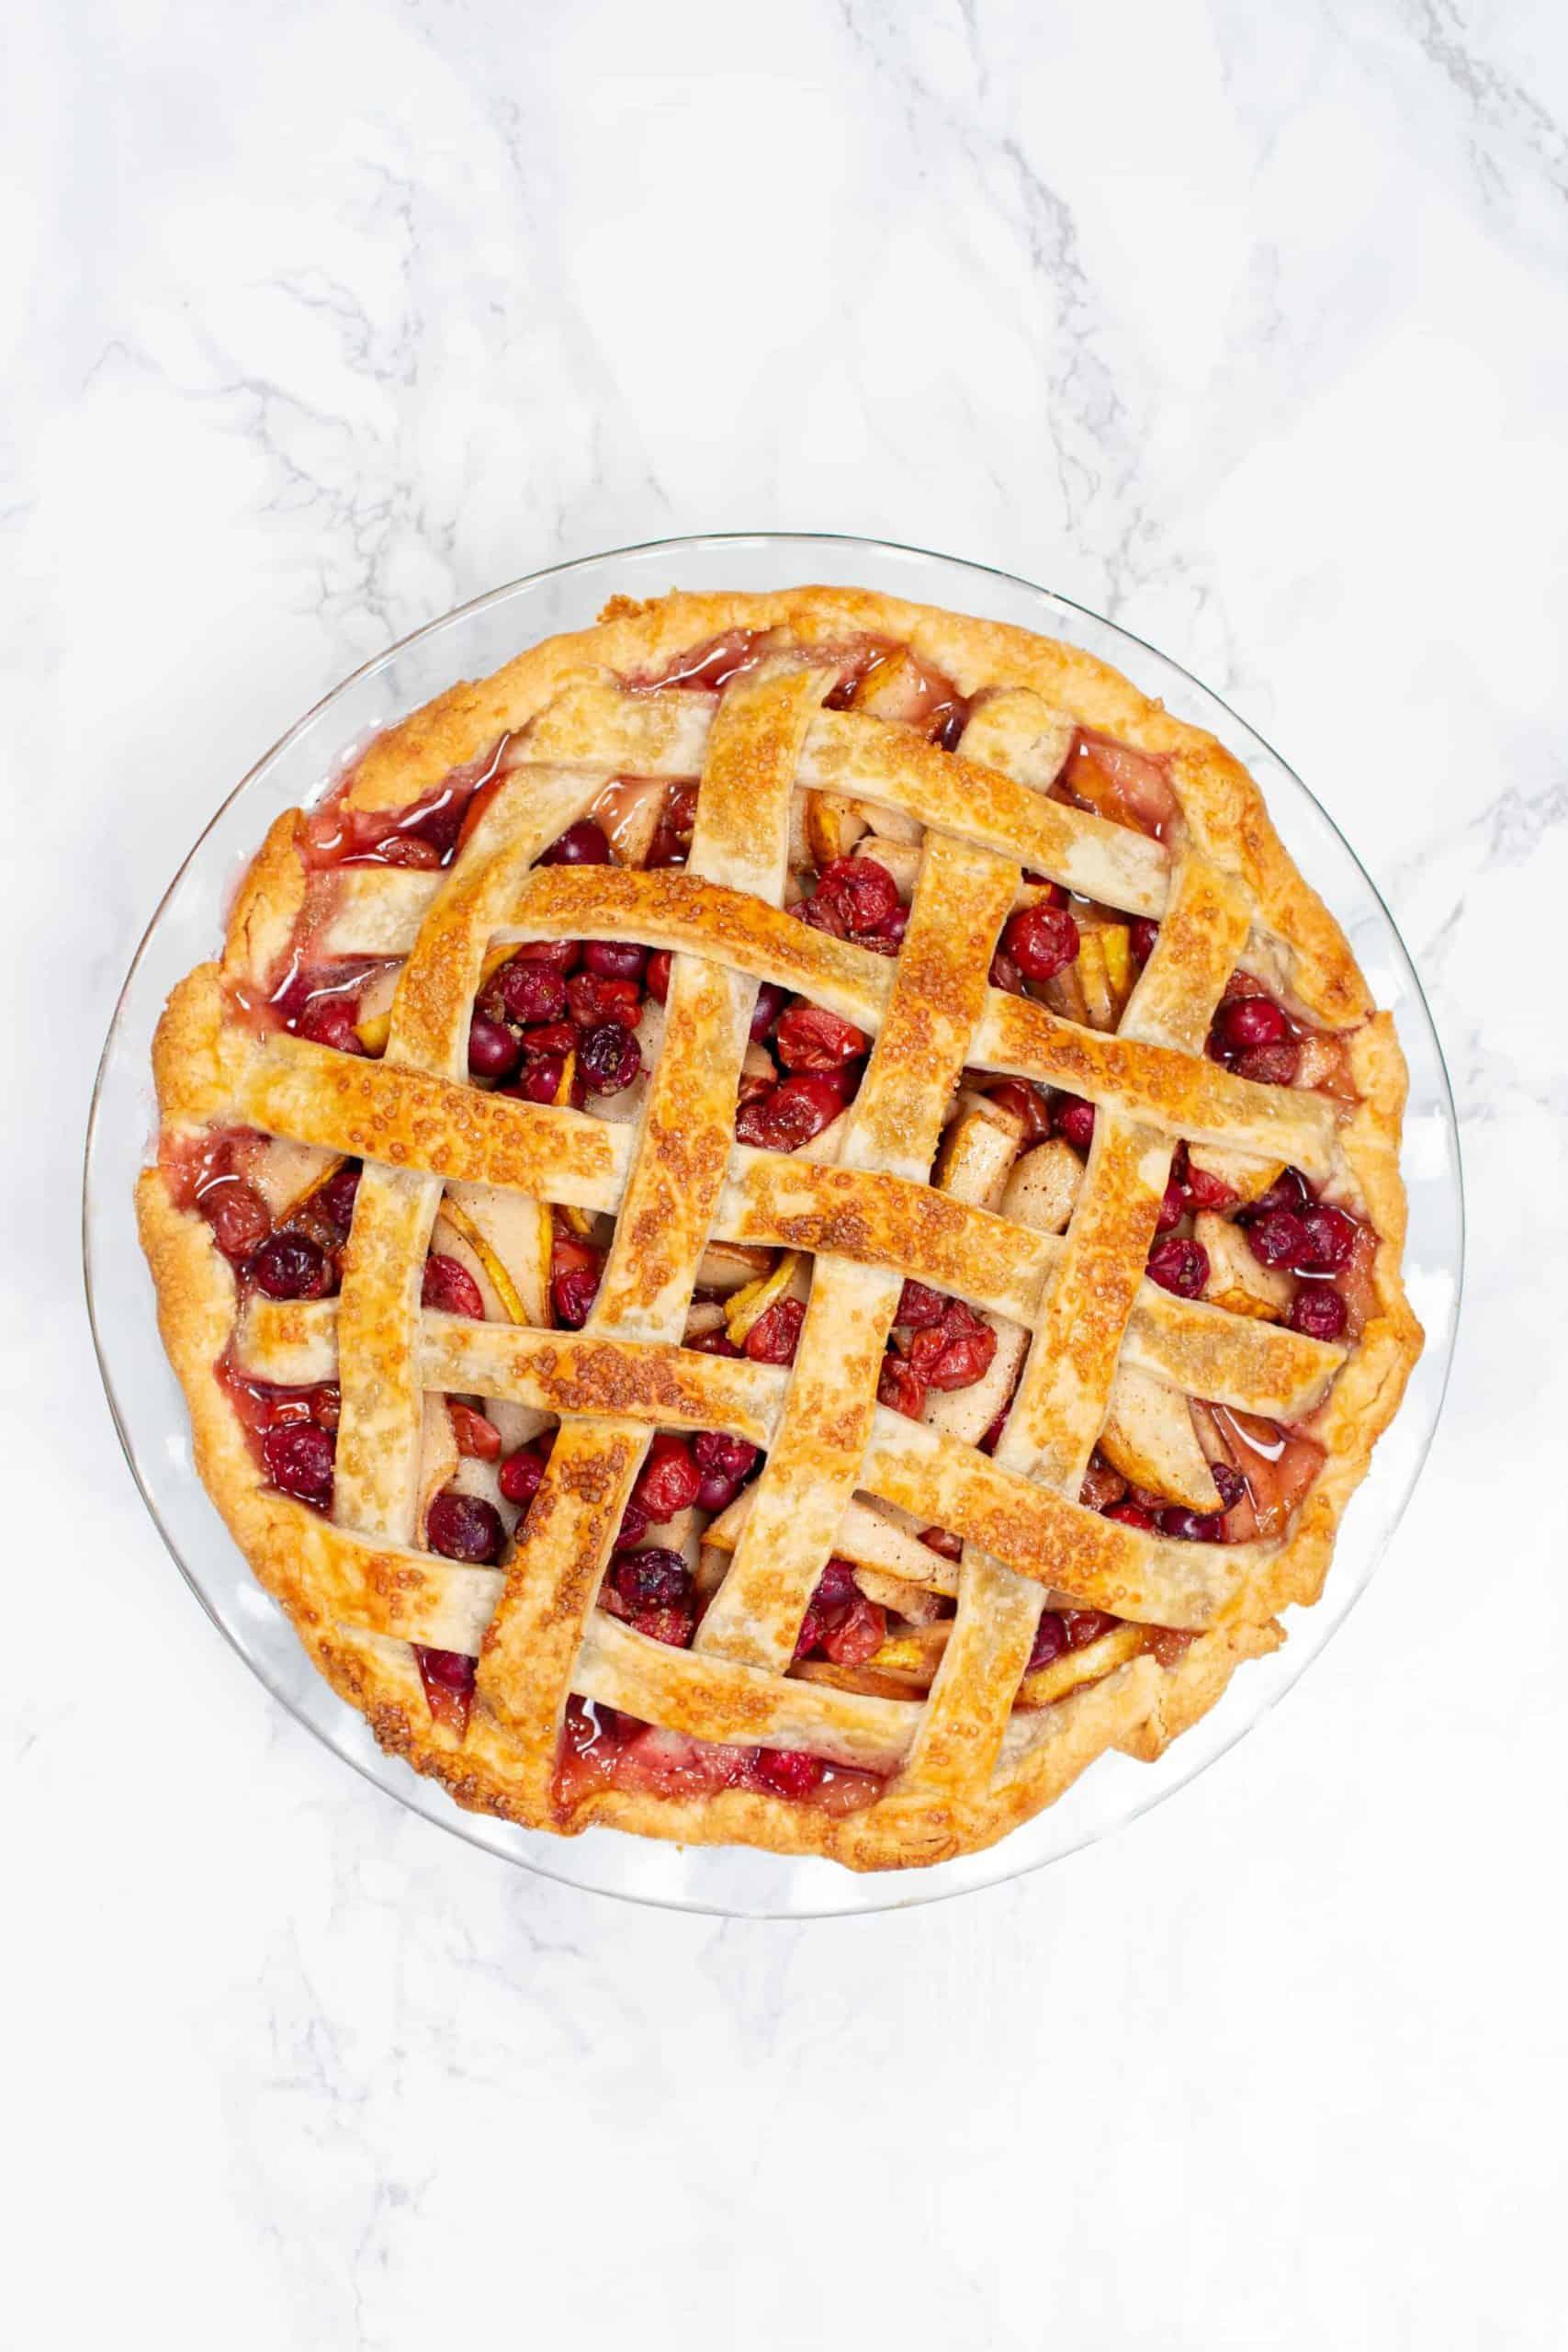 cherry pie with lattice pie crust